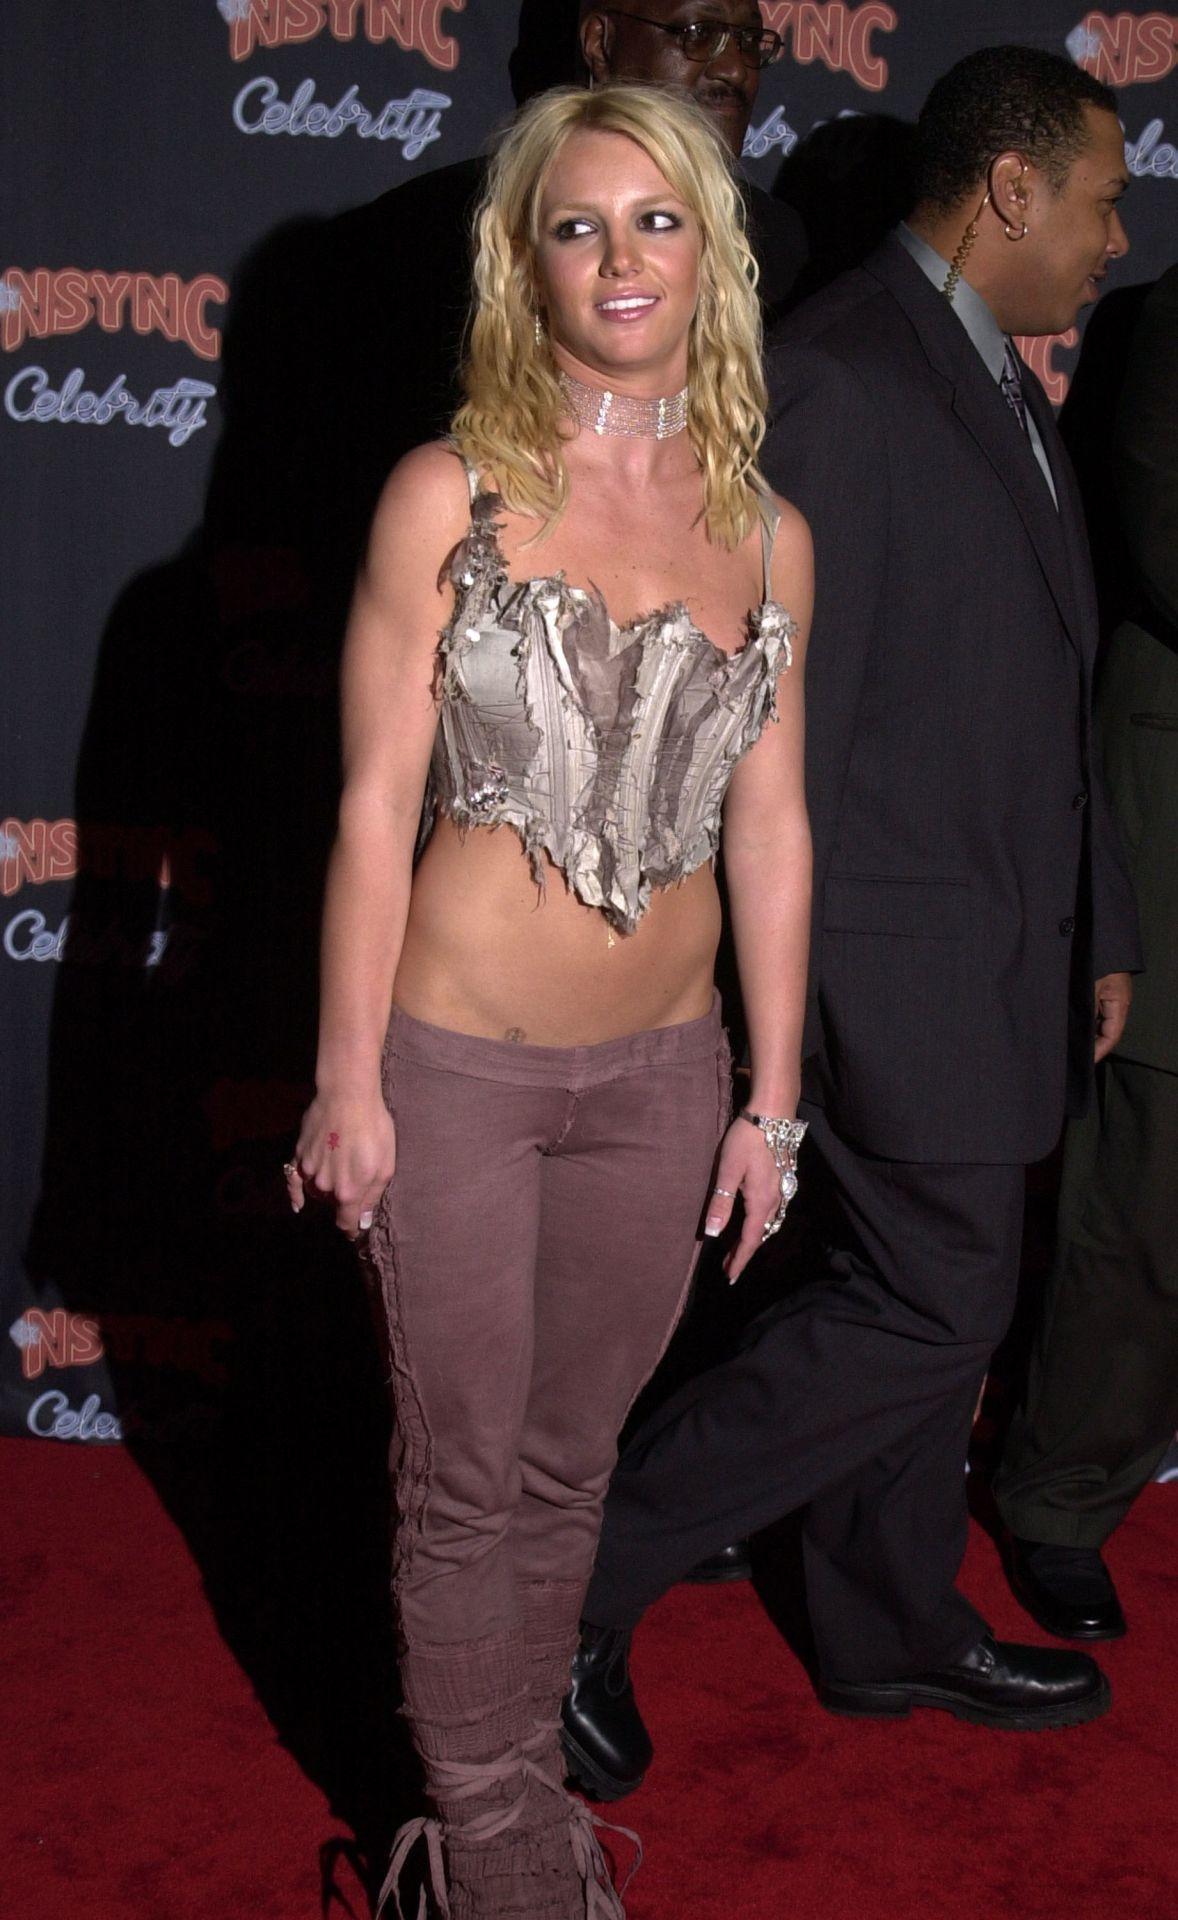 Britney Spears nem rettent el az extrém alacsony derekú nadrágok viselésétől sem.